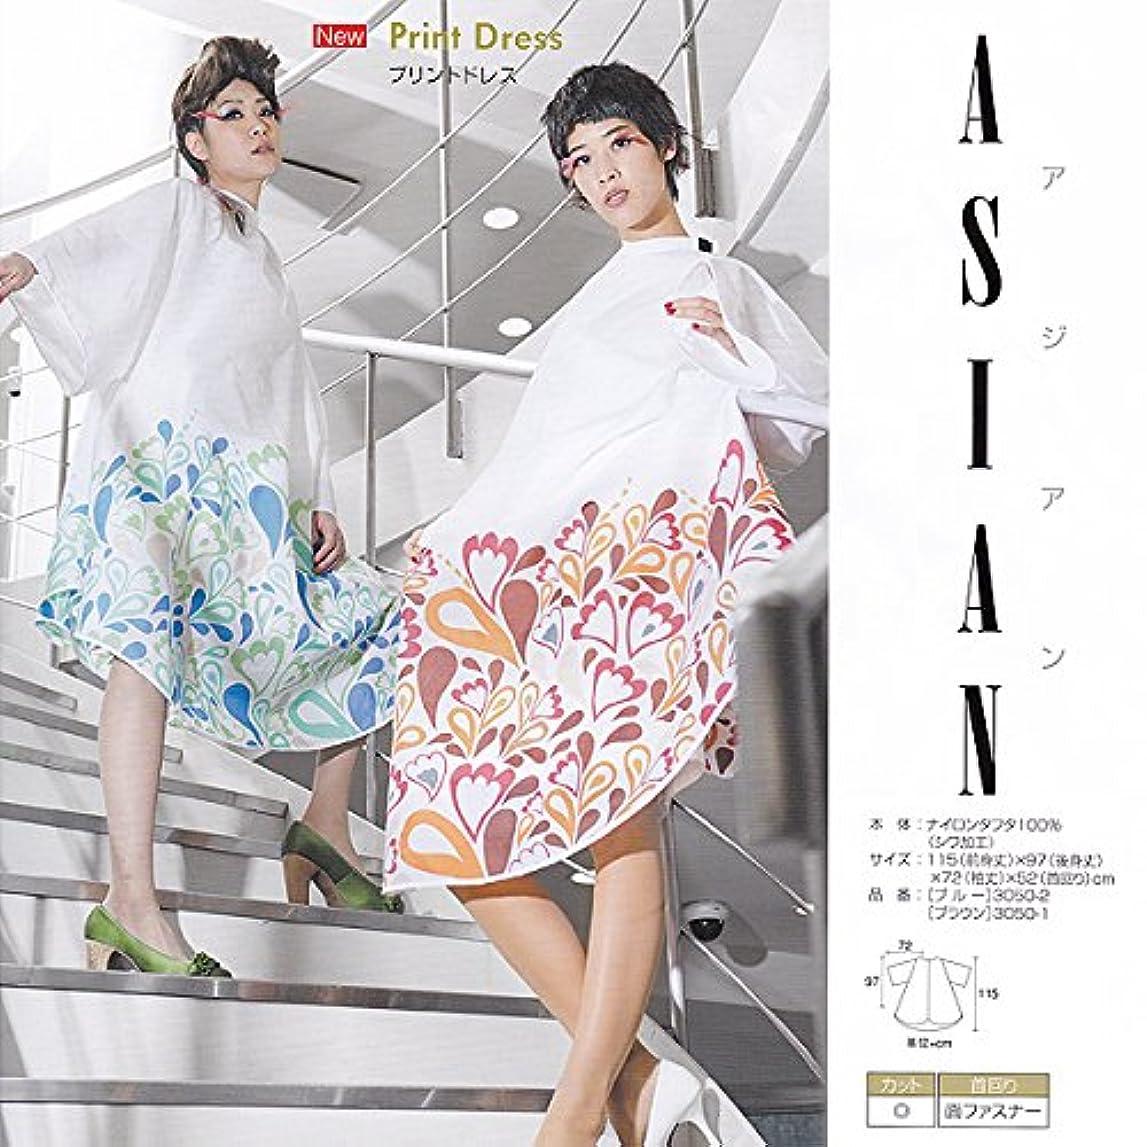 大使薬用爆発するWAKO ASIAN アジアンプリントドレス №3050 3050-2(アジアンブルー) 115(前身丈)×97(後身丈)×72(袖丈)×52(首回リ)